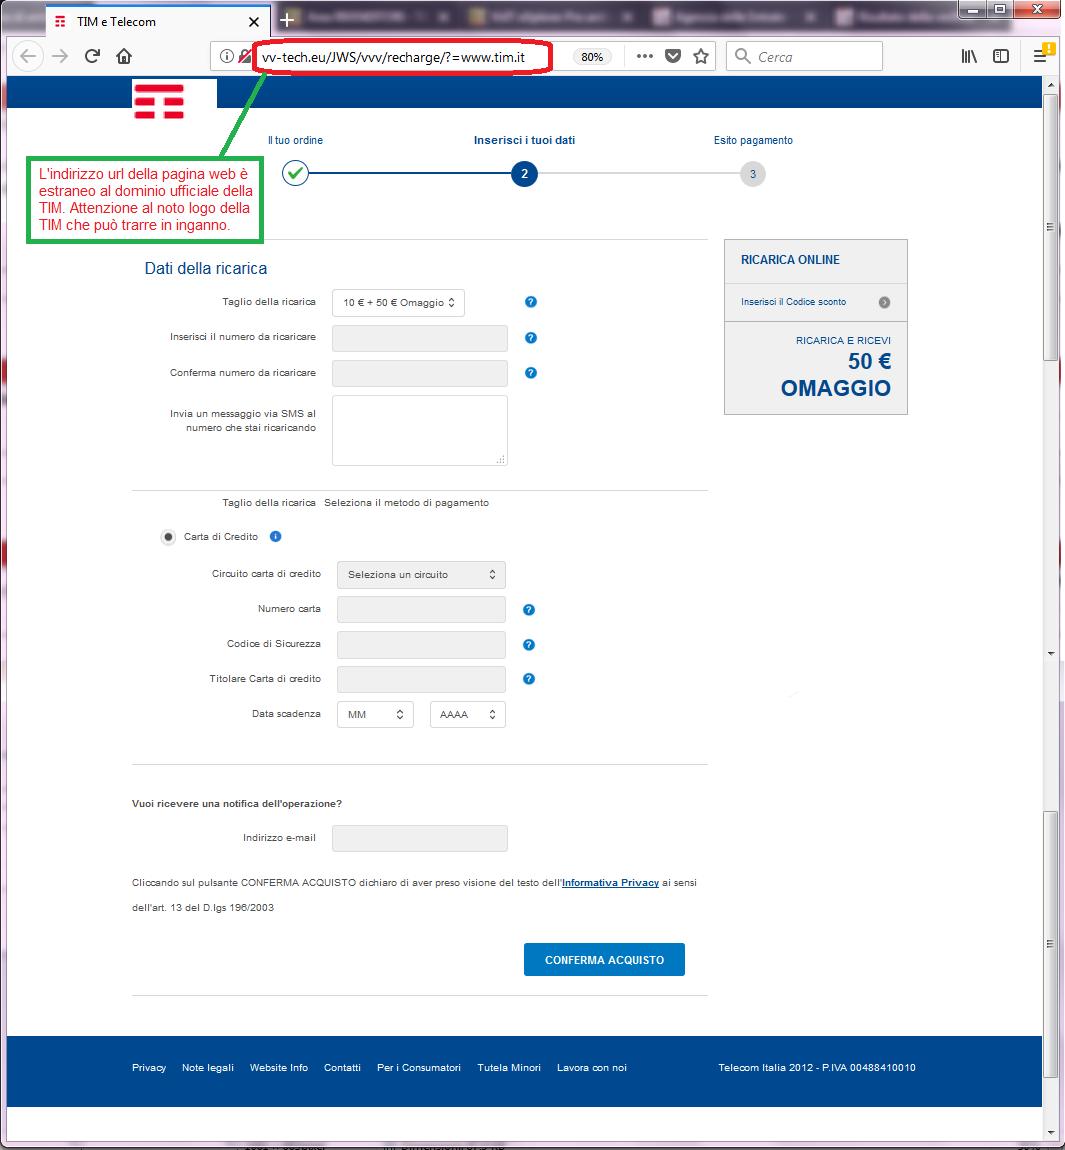 Clicca per ingrandire l'immagine della falsa pagina web di TIM, che richiede di inserire i dati della carta di credito, ma che in realtà è una TRUFFA!